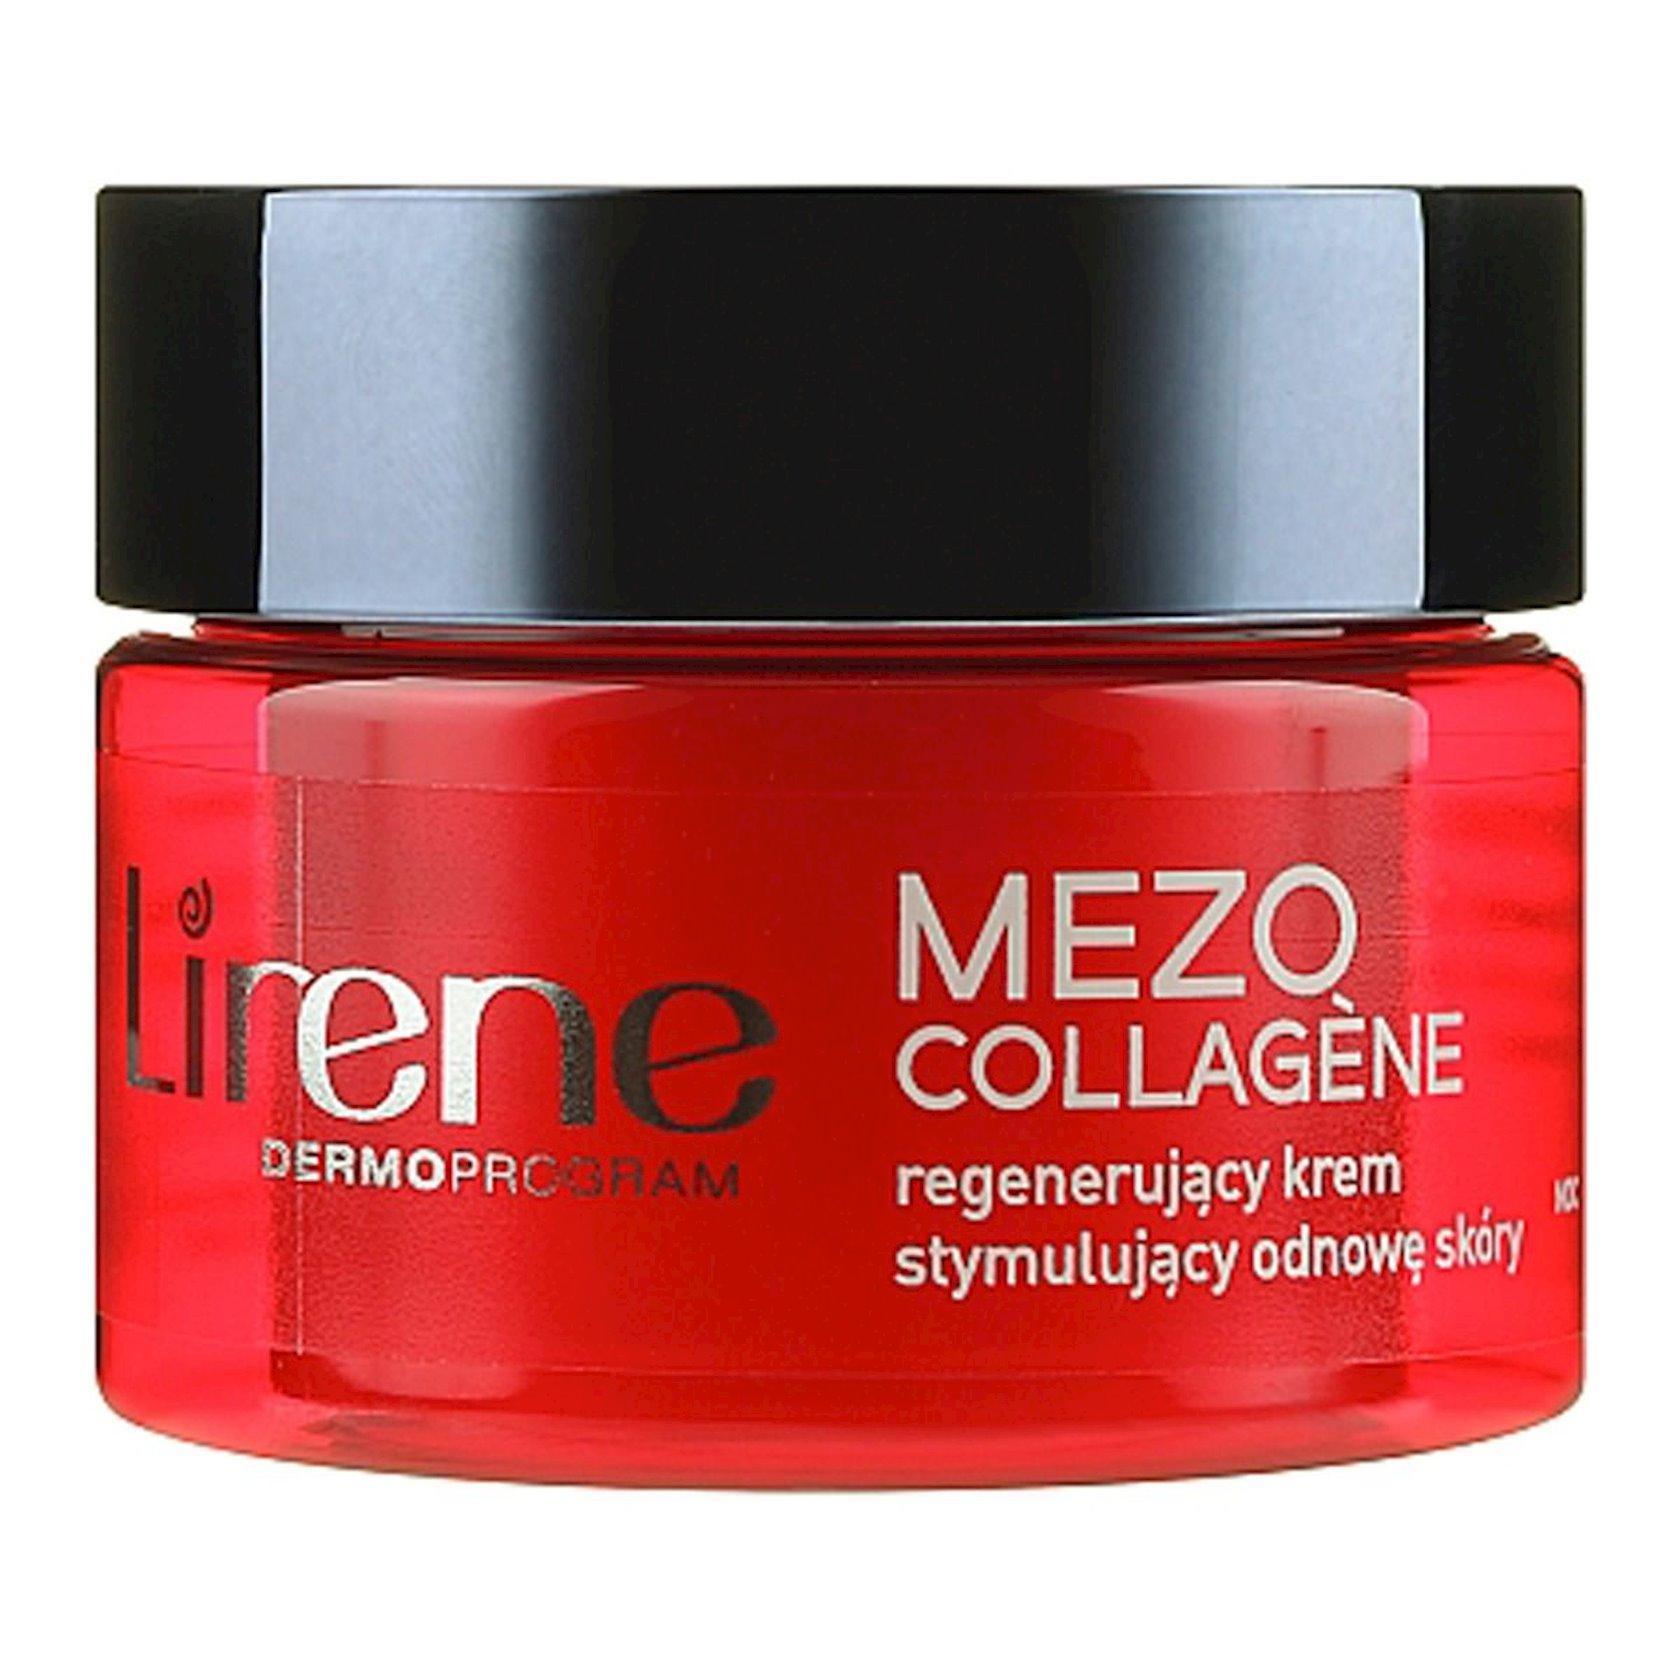 Qırışlara qarşı gecə kremi Lirene Mezo Collagene, 50 ml